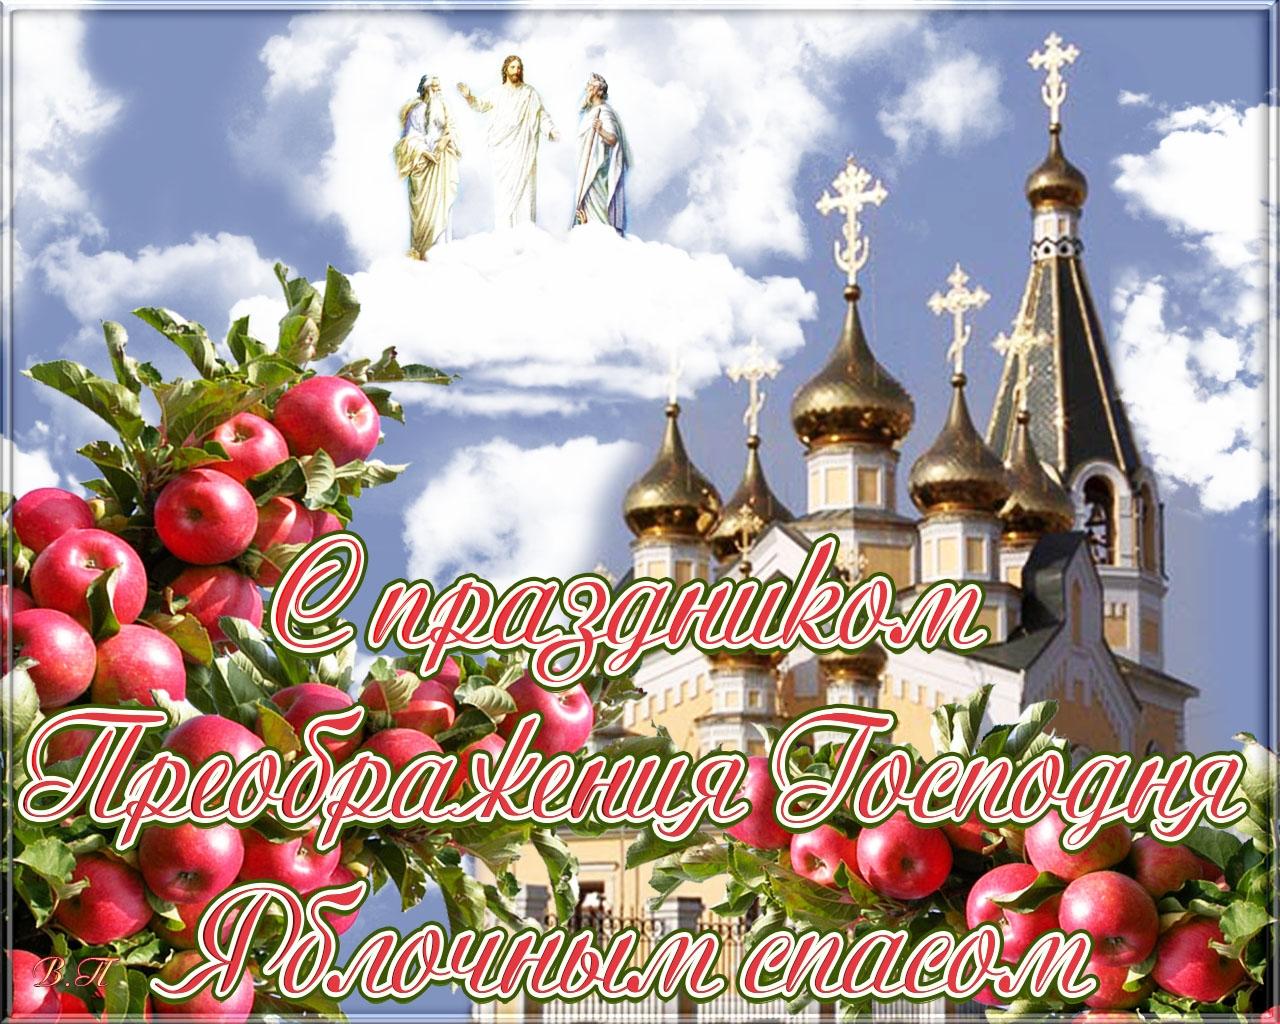 Фото открытка яблочный спас с праздником